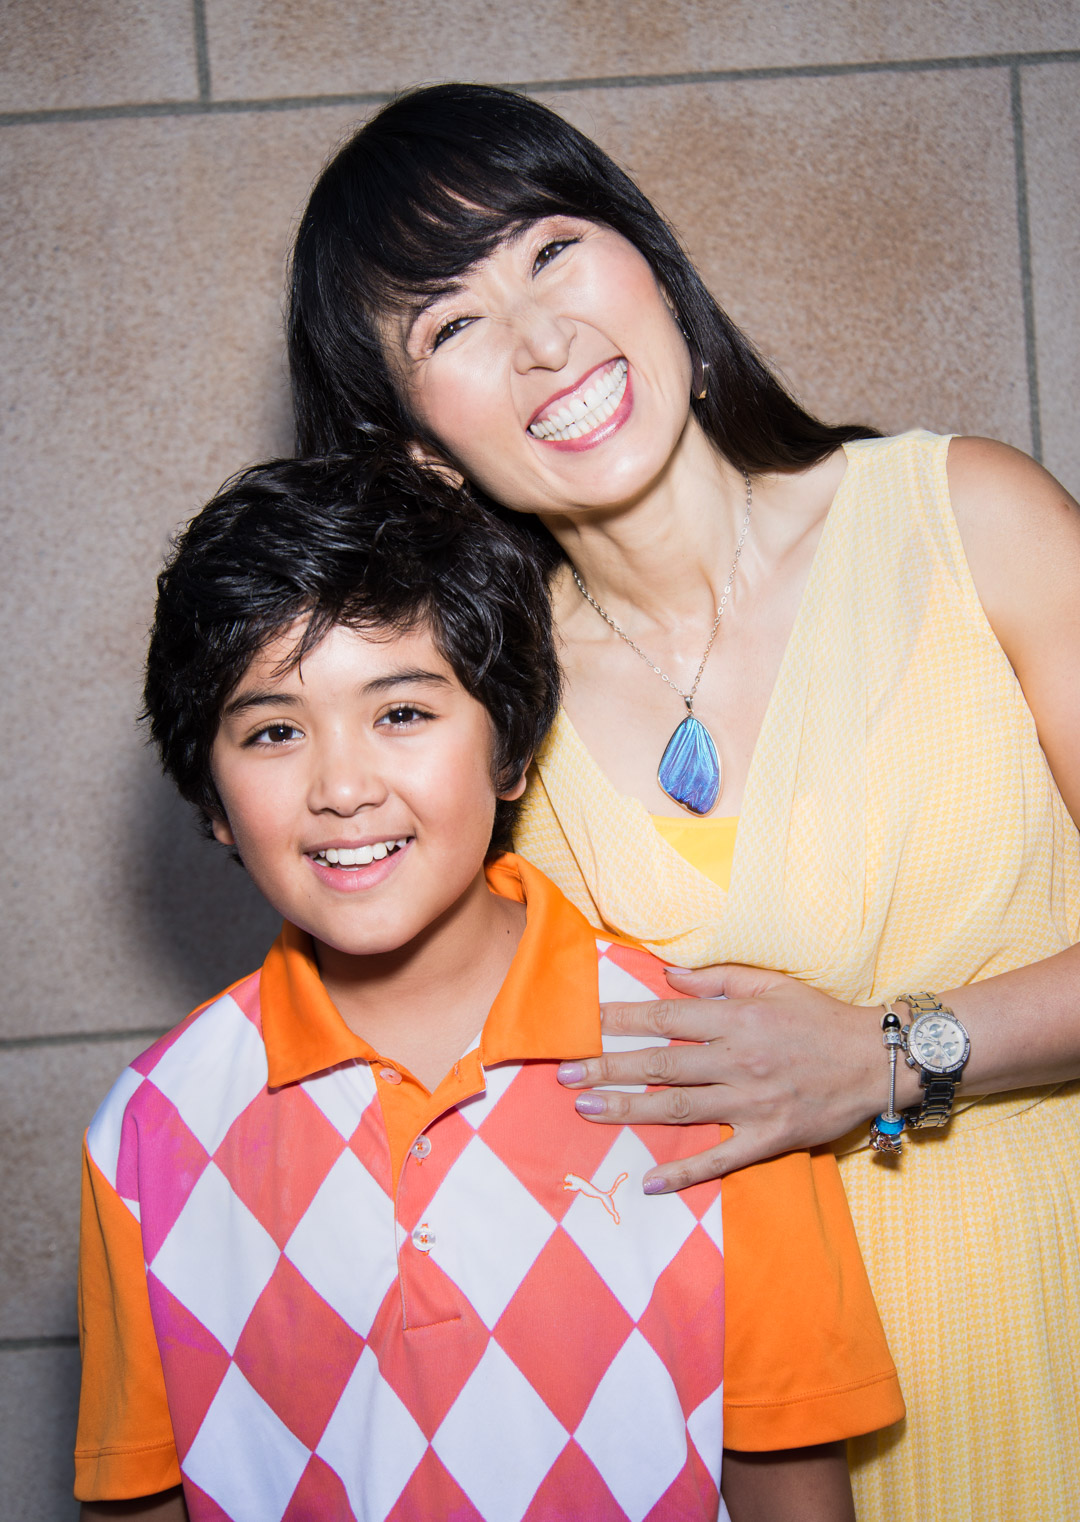 For the Love of Art Member Profile: Dana Yang and Jaywhan